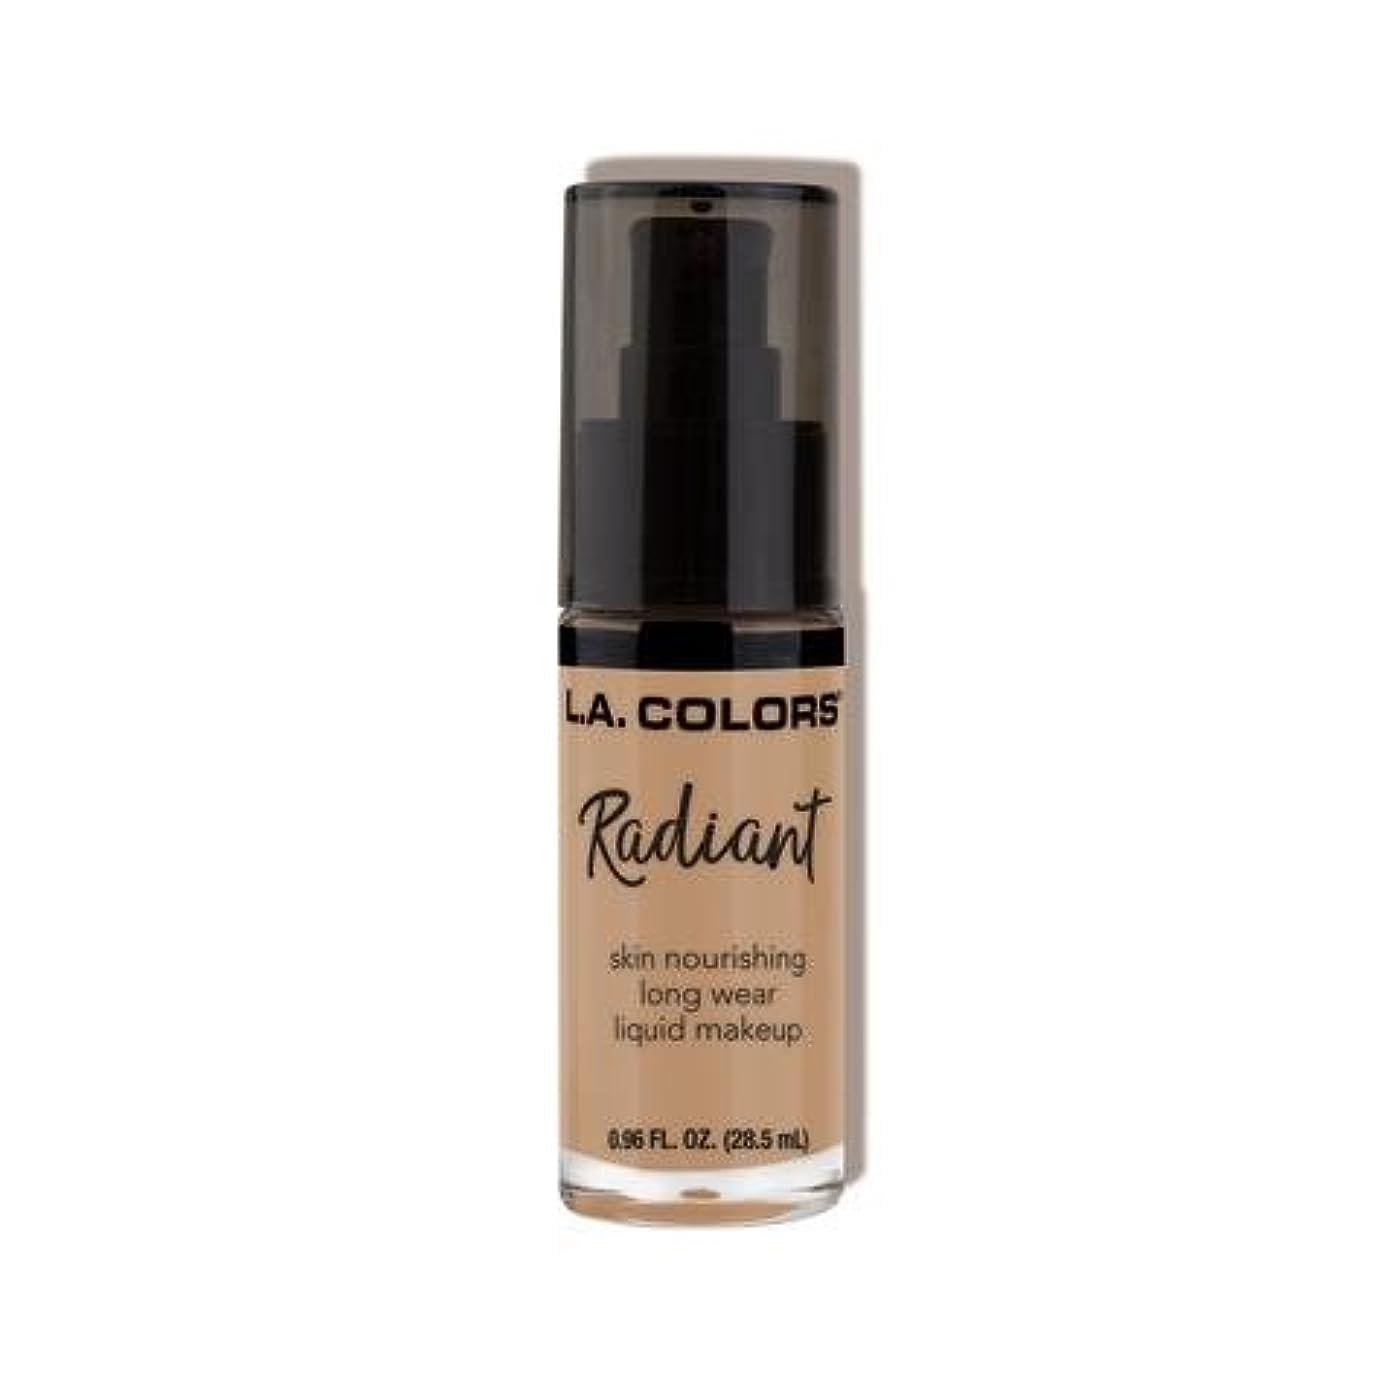 スイス人常習的手つかずの(3 Pack) L.A. COLORS Radiant Liquid Makeup - Medium Beige (並行輸入品)